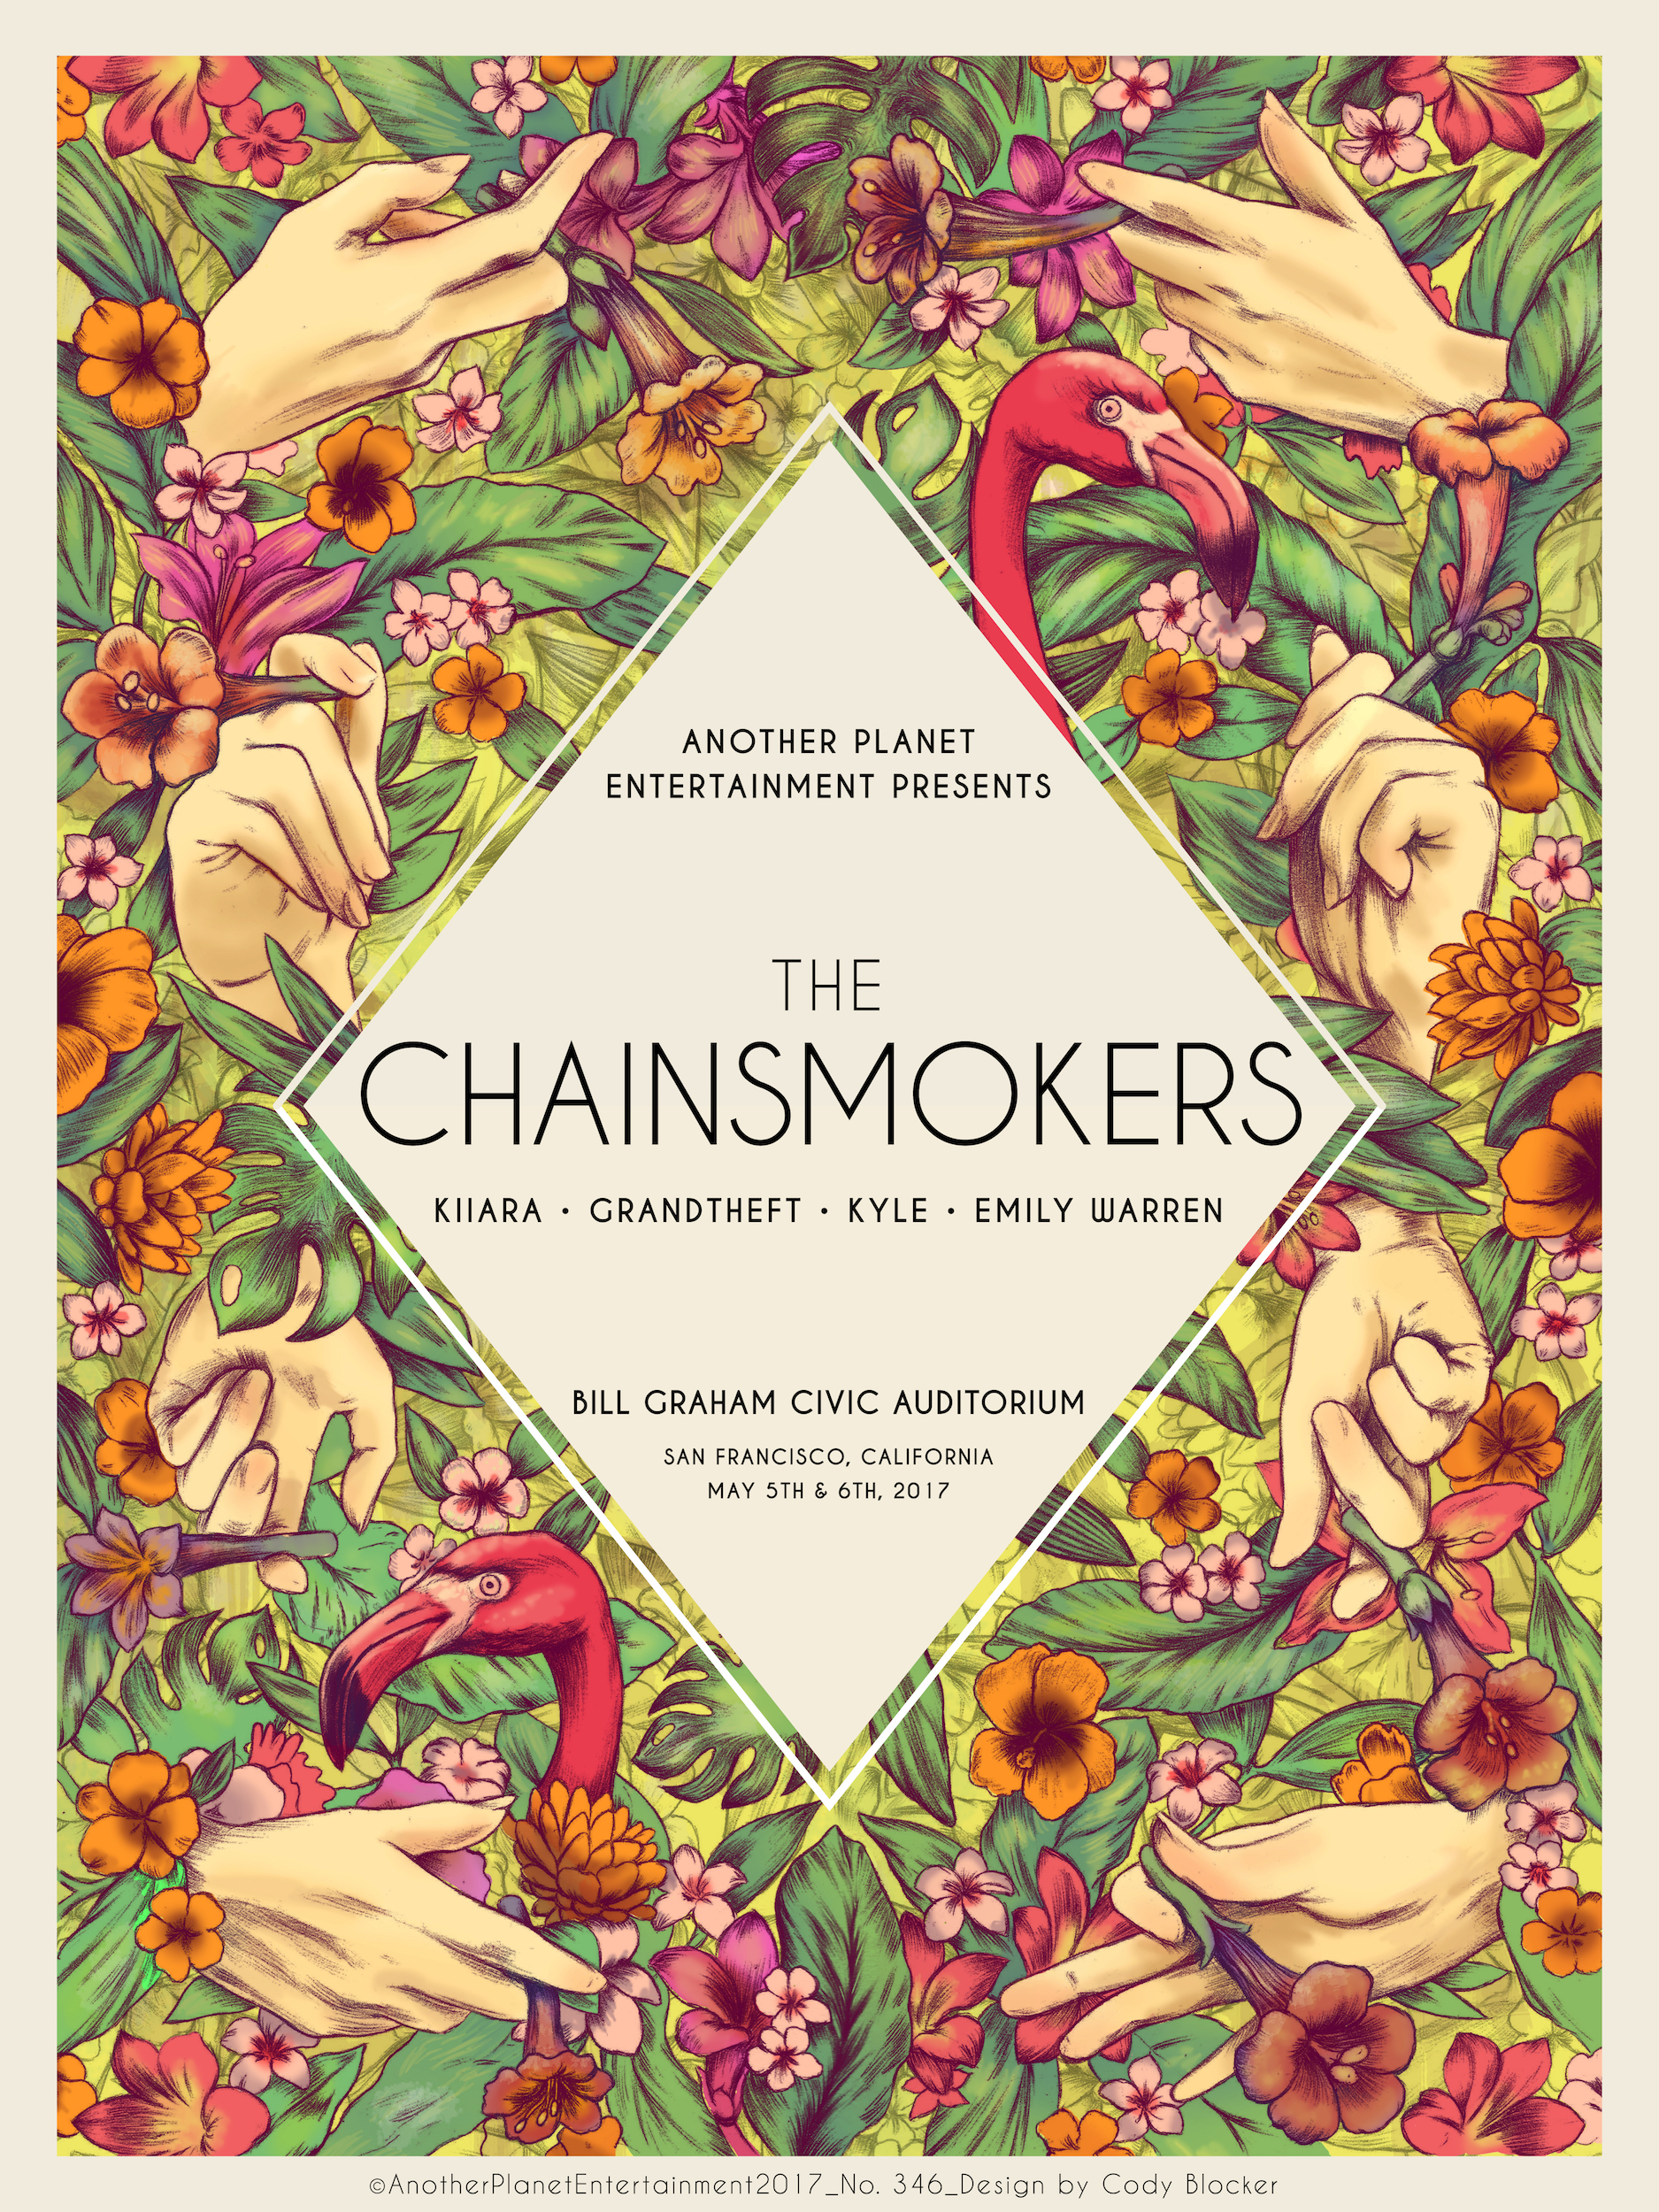 Chainsmokers_1875x2500.jpg